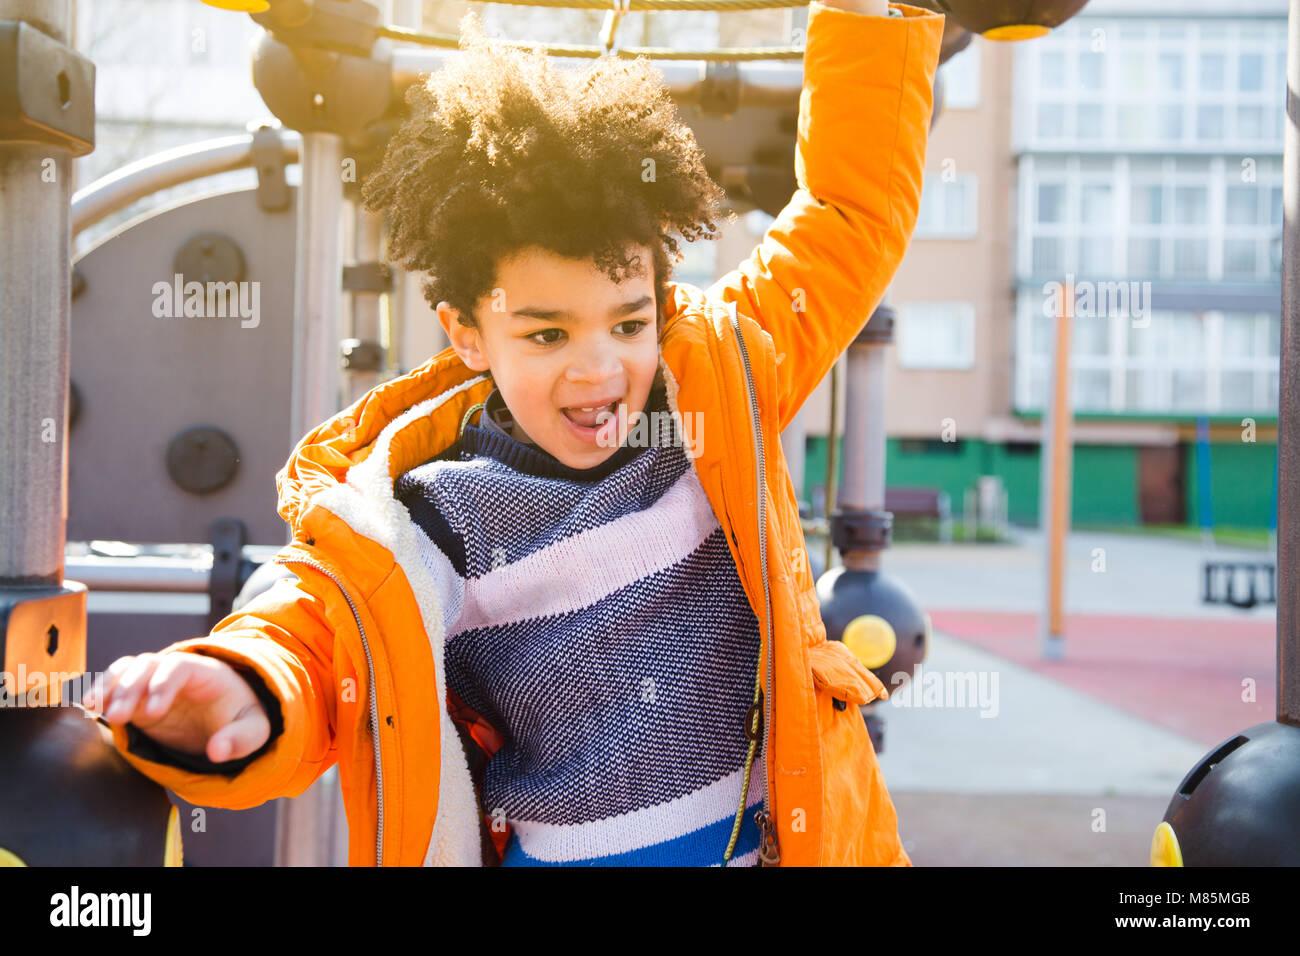 Criança feliz no casaco laranja escalada no parque em um dia ensolarado Imagens de Stock